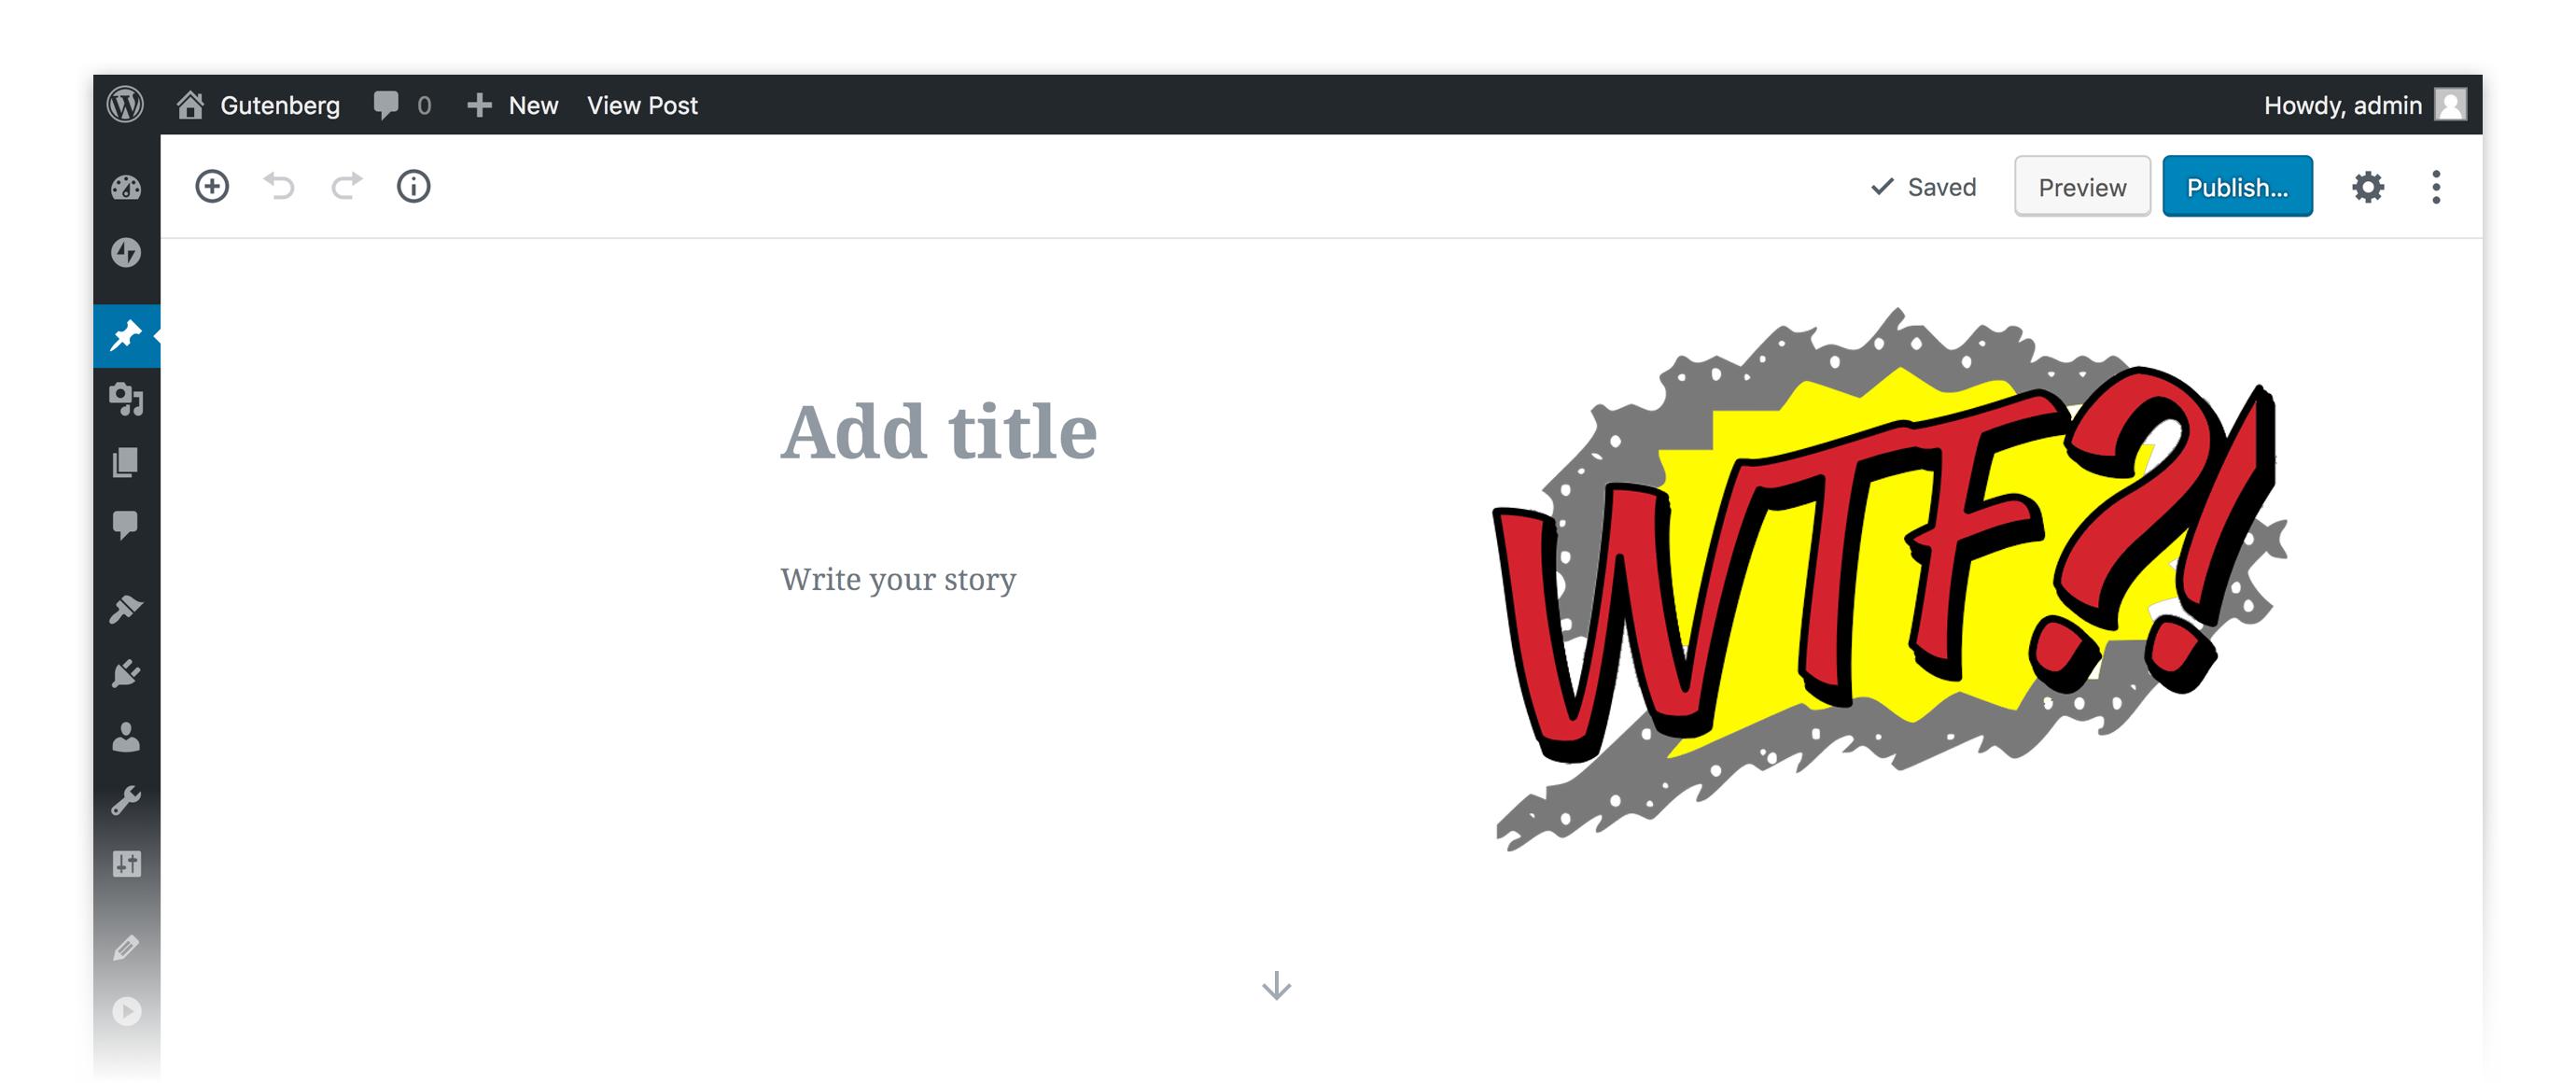 Как отключить редактор Gutenberg в Wordpress?